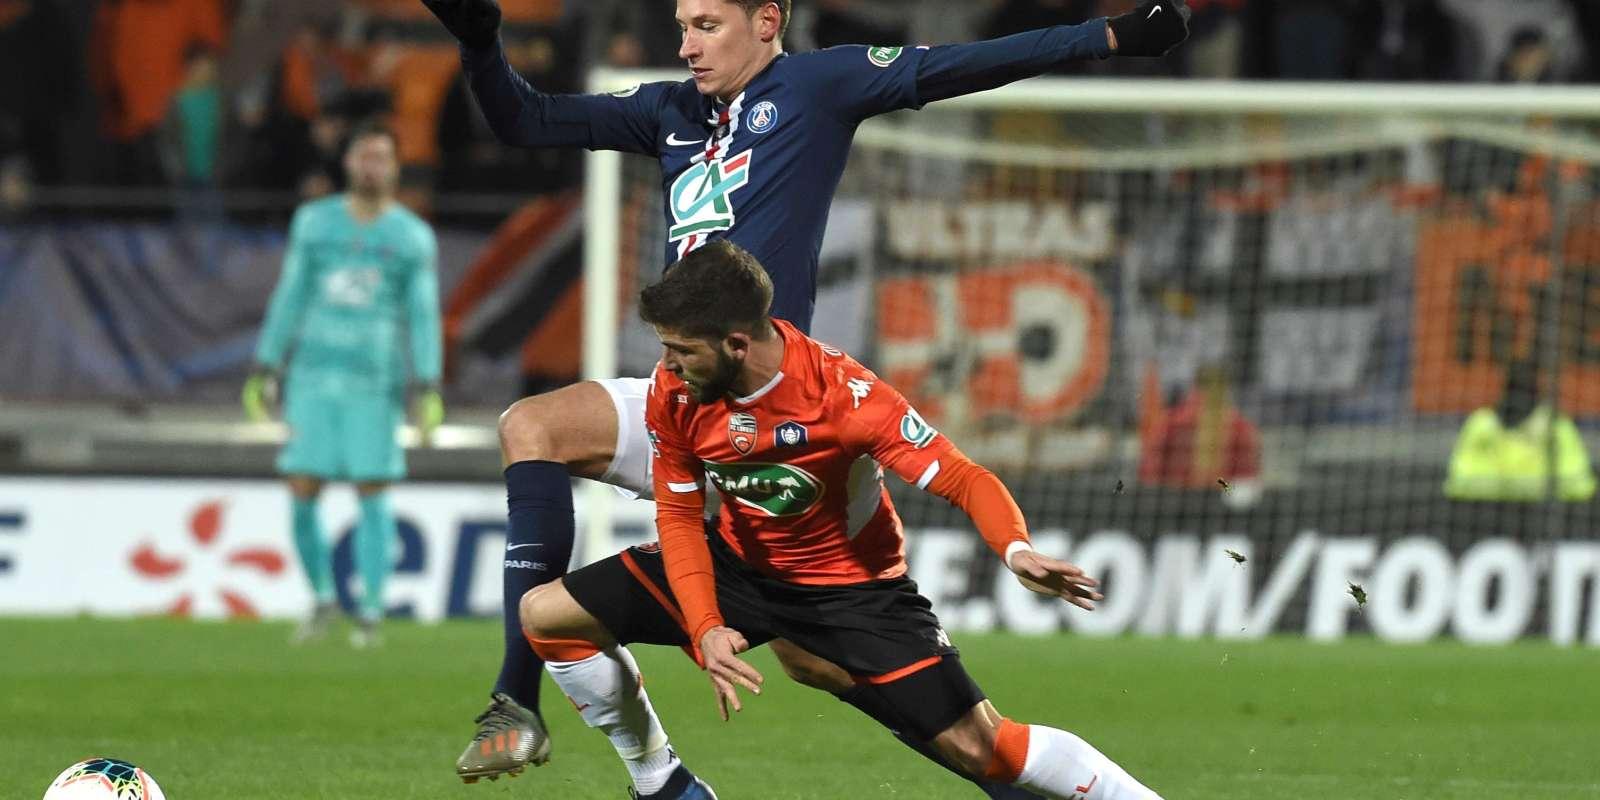 Le Parisien Julian Draxler à la lutte avec le Lorientais Enzo Le Fee, dimanche 19 janvier, en huitièmes de finale de la Coupe de France, au stade du Moustoir.